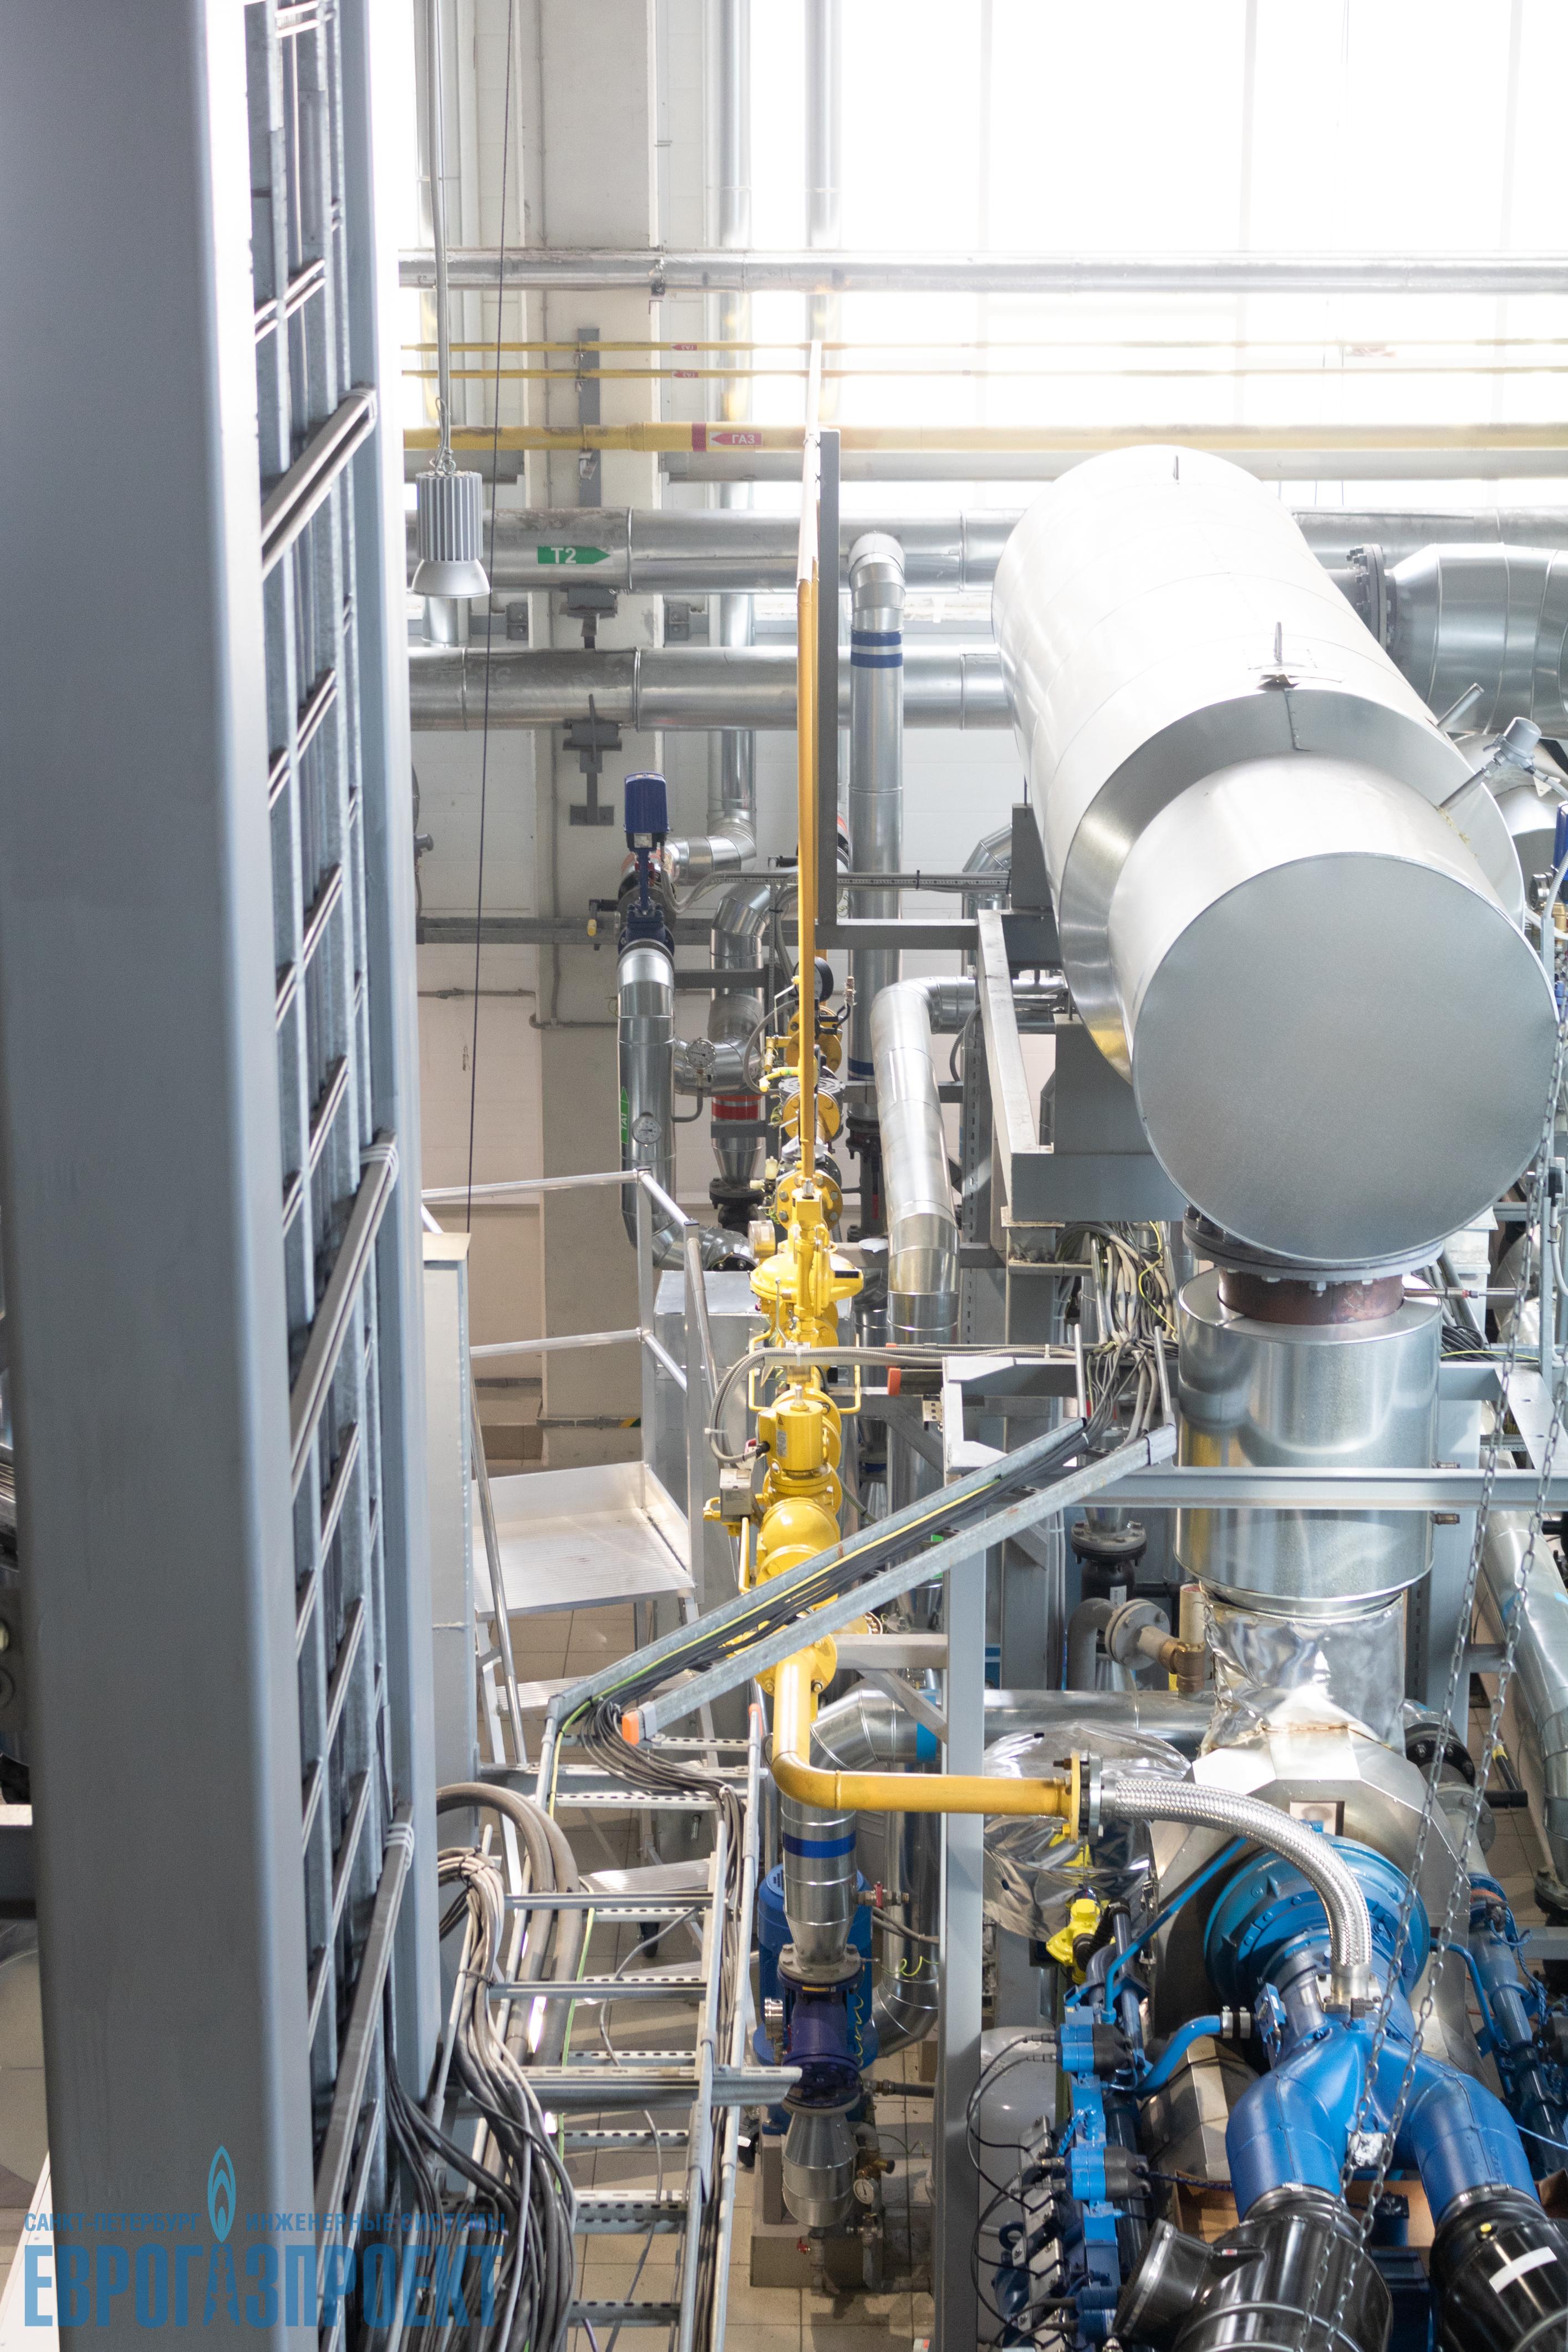 котельной и энергоблока производственного комплекса